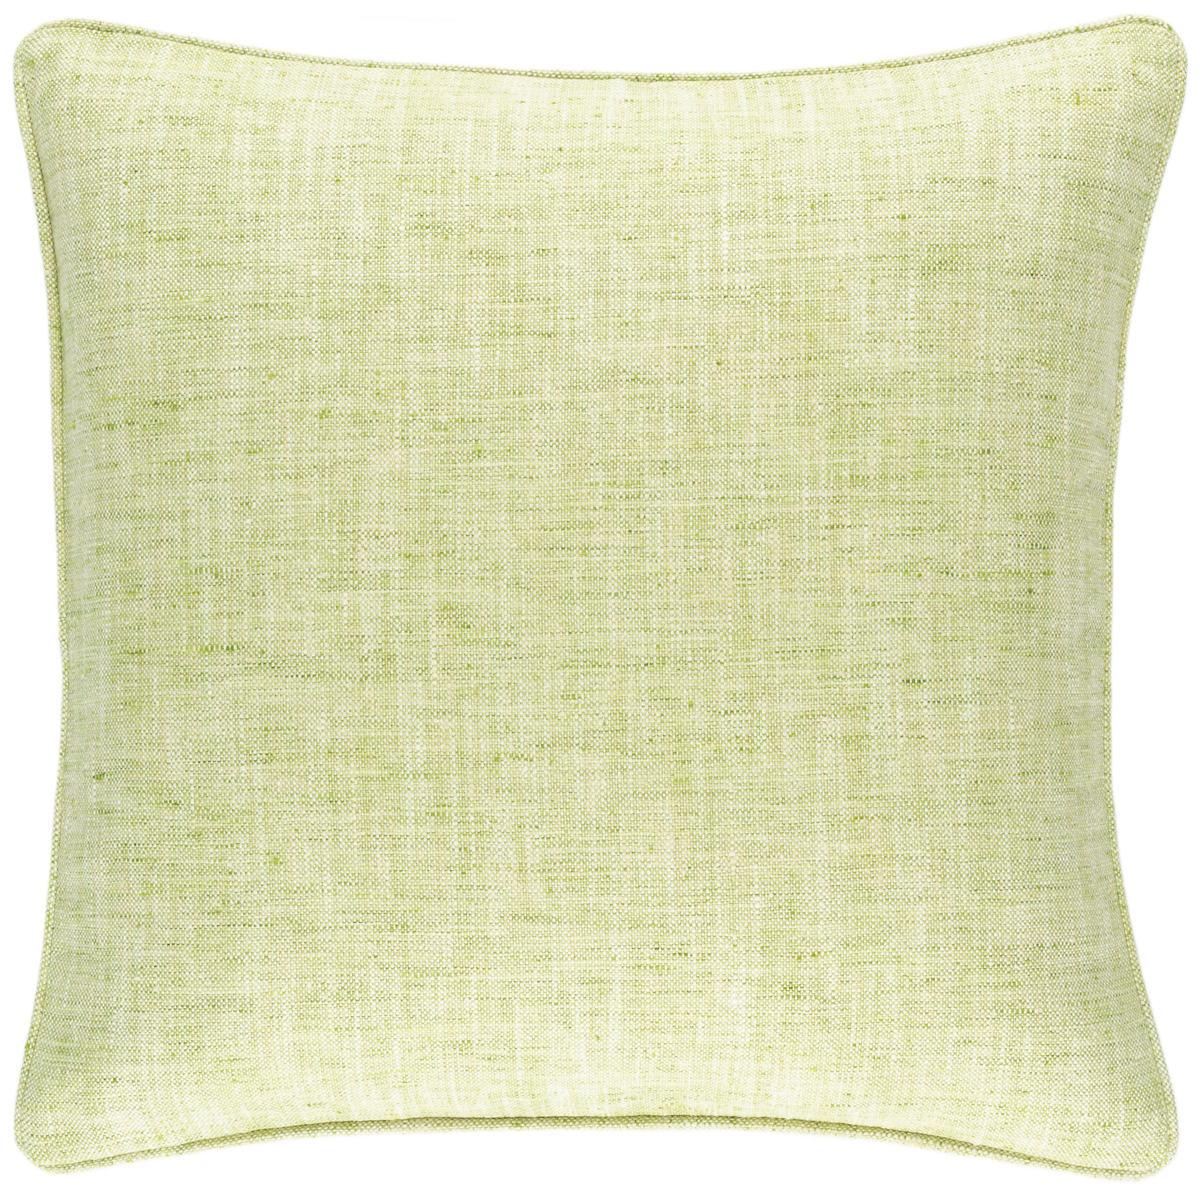 Greylock Soft Green Indoor/Outdoor Decorative Pillow